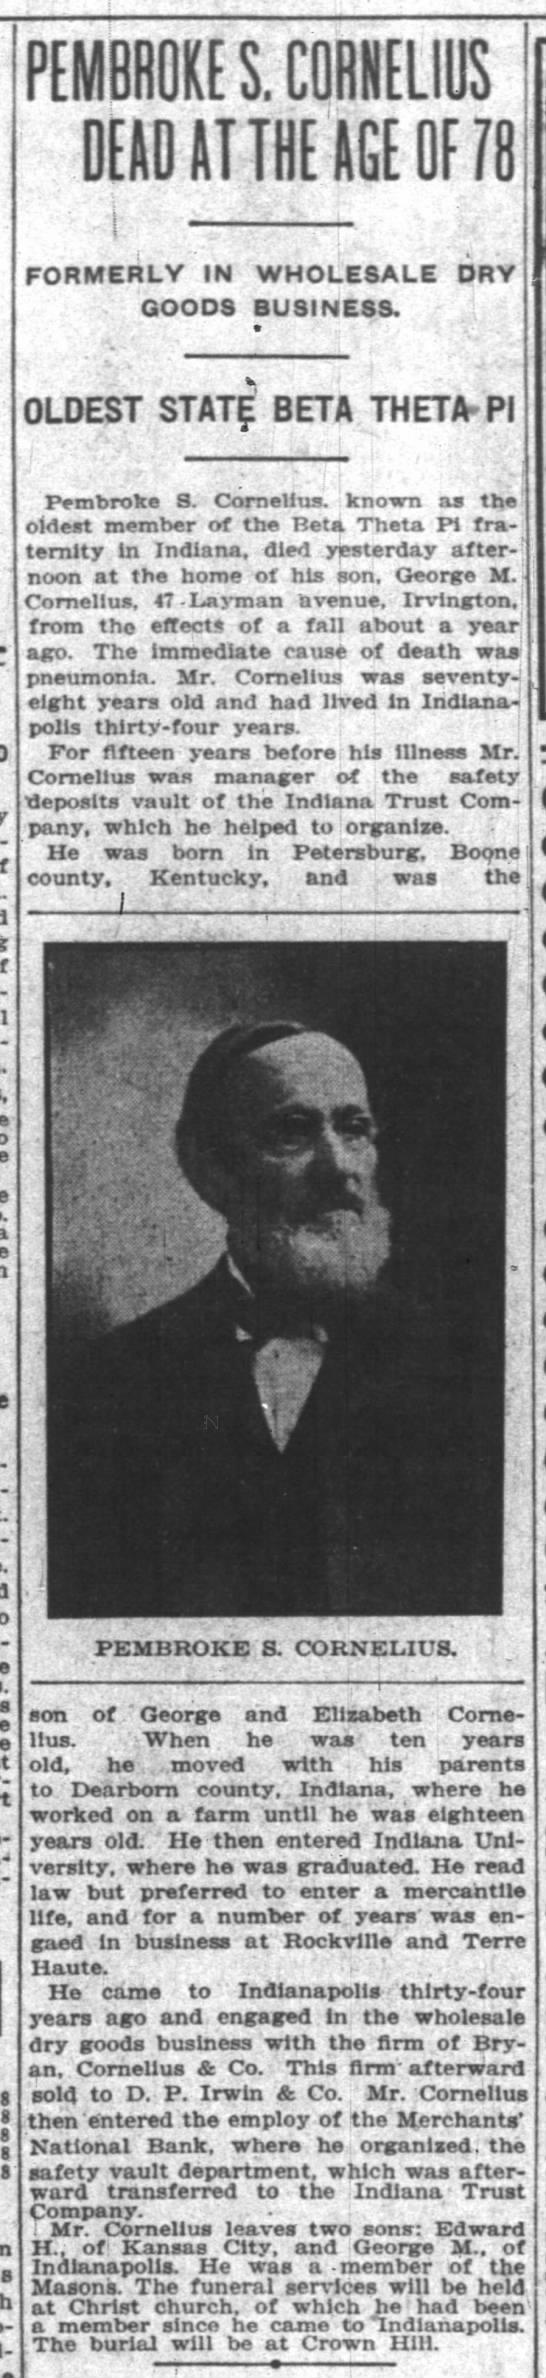 Pembroke S. Cornelius - obituary -